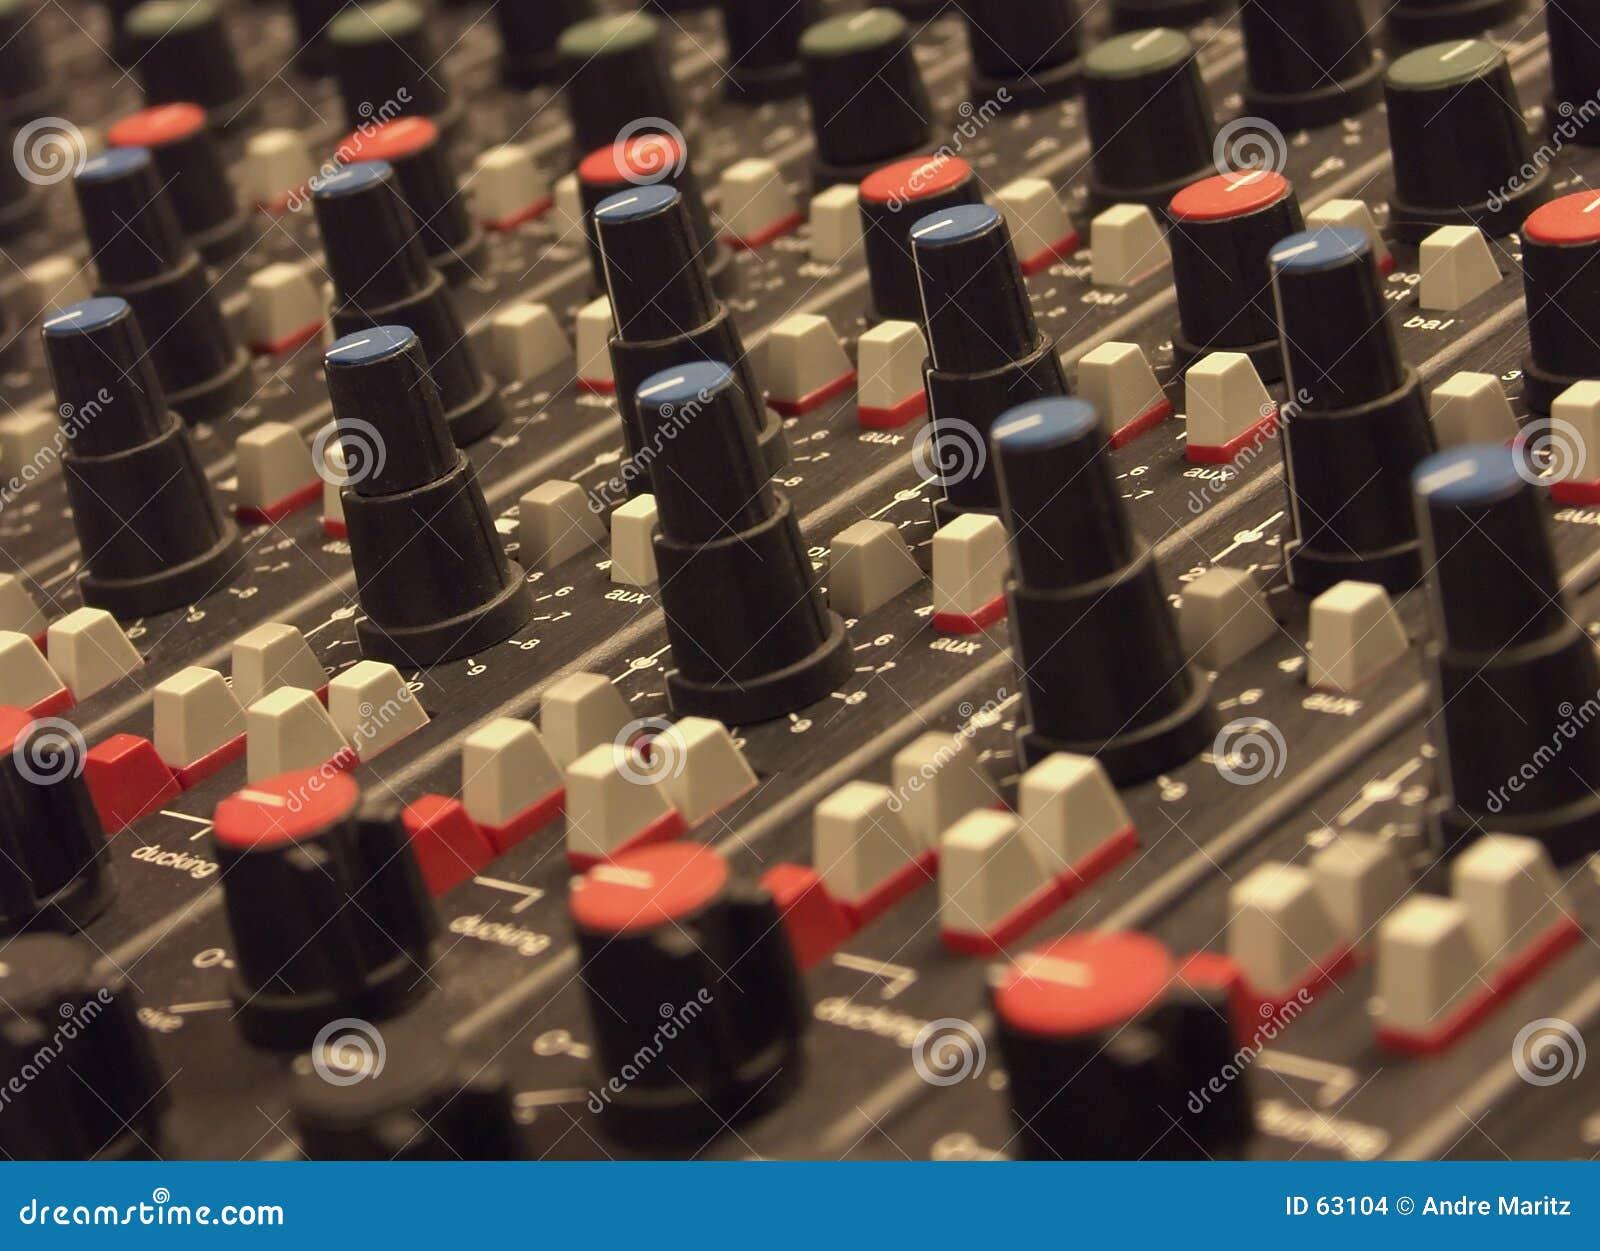 Placa de edição video